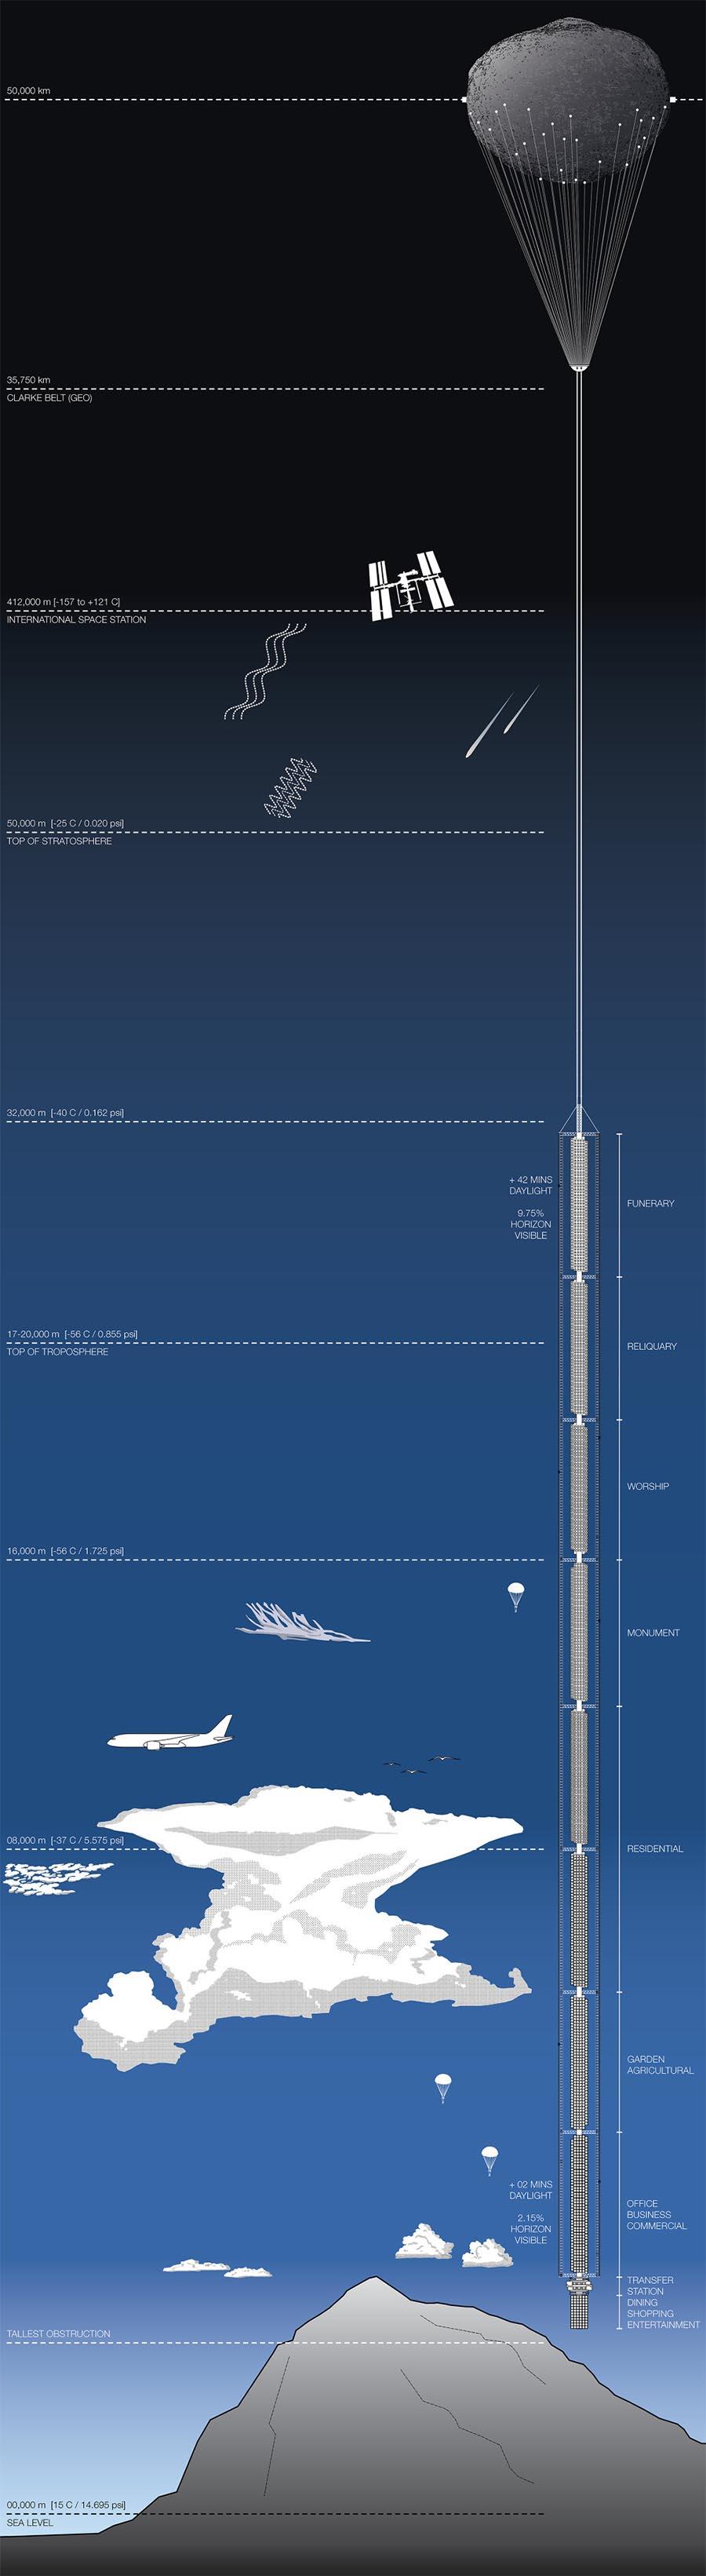 Arranha-céus do avesso suspenso de asteróide